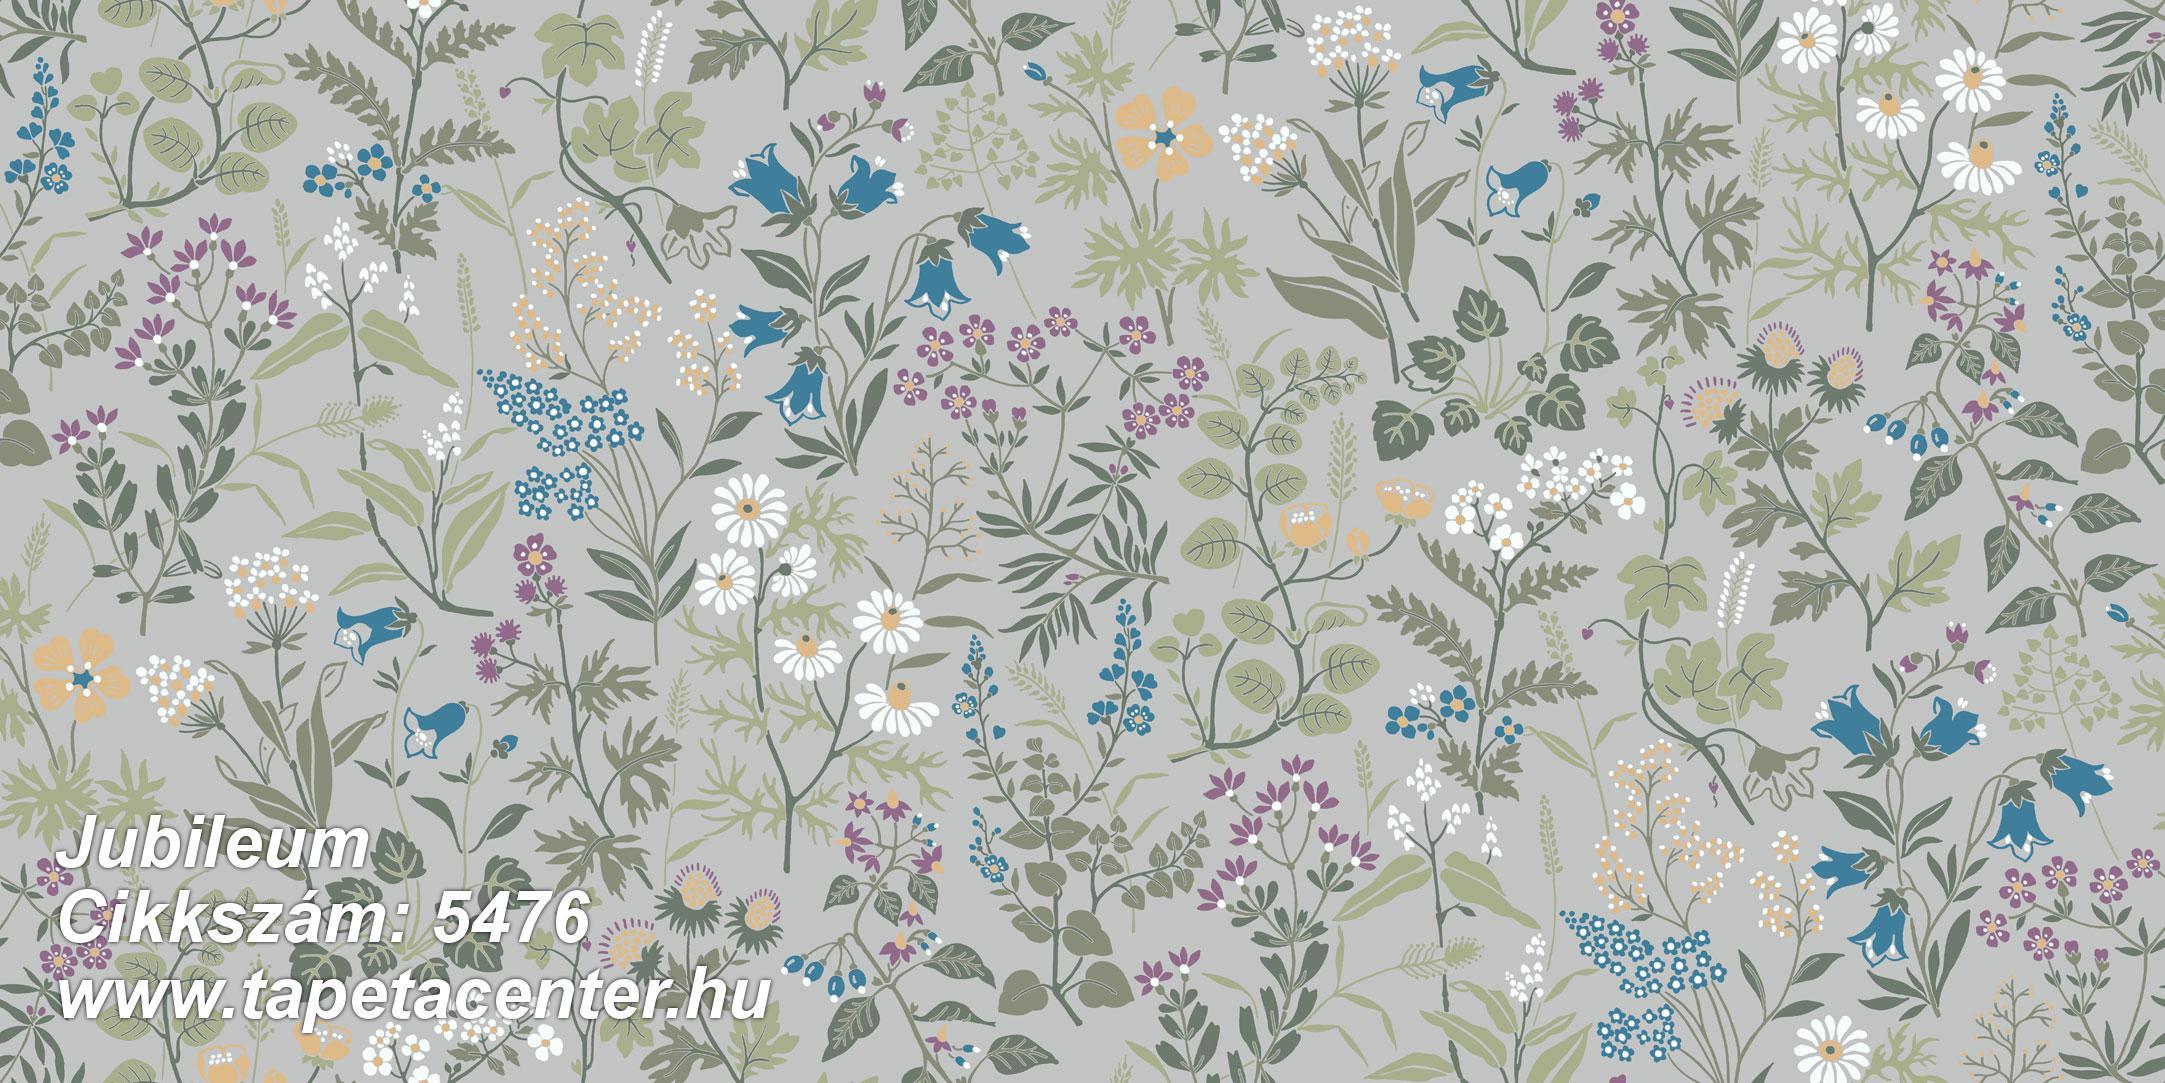 Rajzolt,retro,természeti mintás,virágmintás,fehér,kék,lila,narancs-terrakotta,szürke,gyengén mosható,vlies tapéta